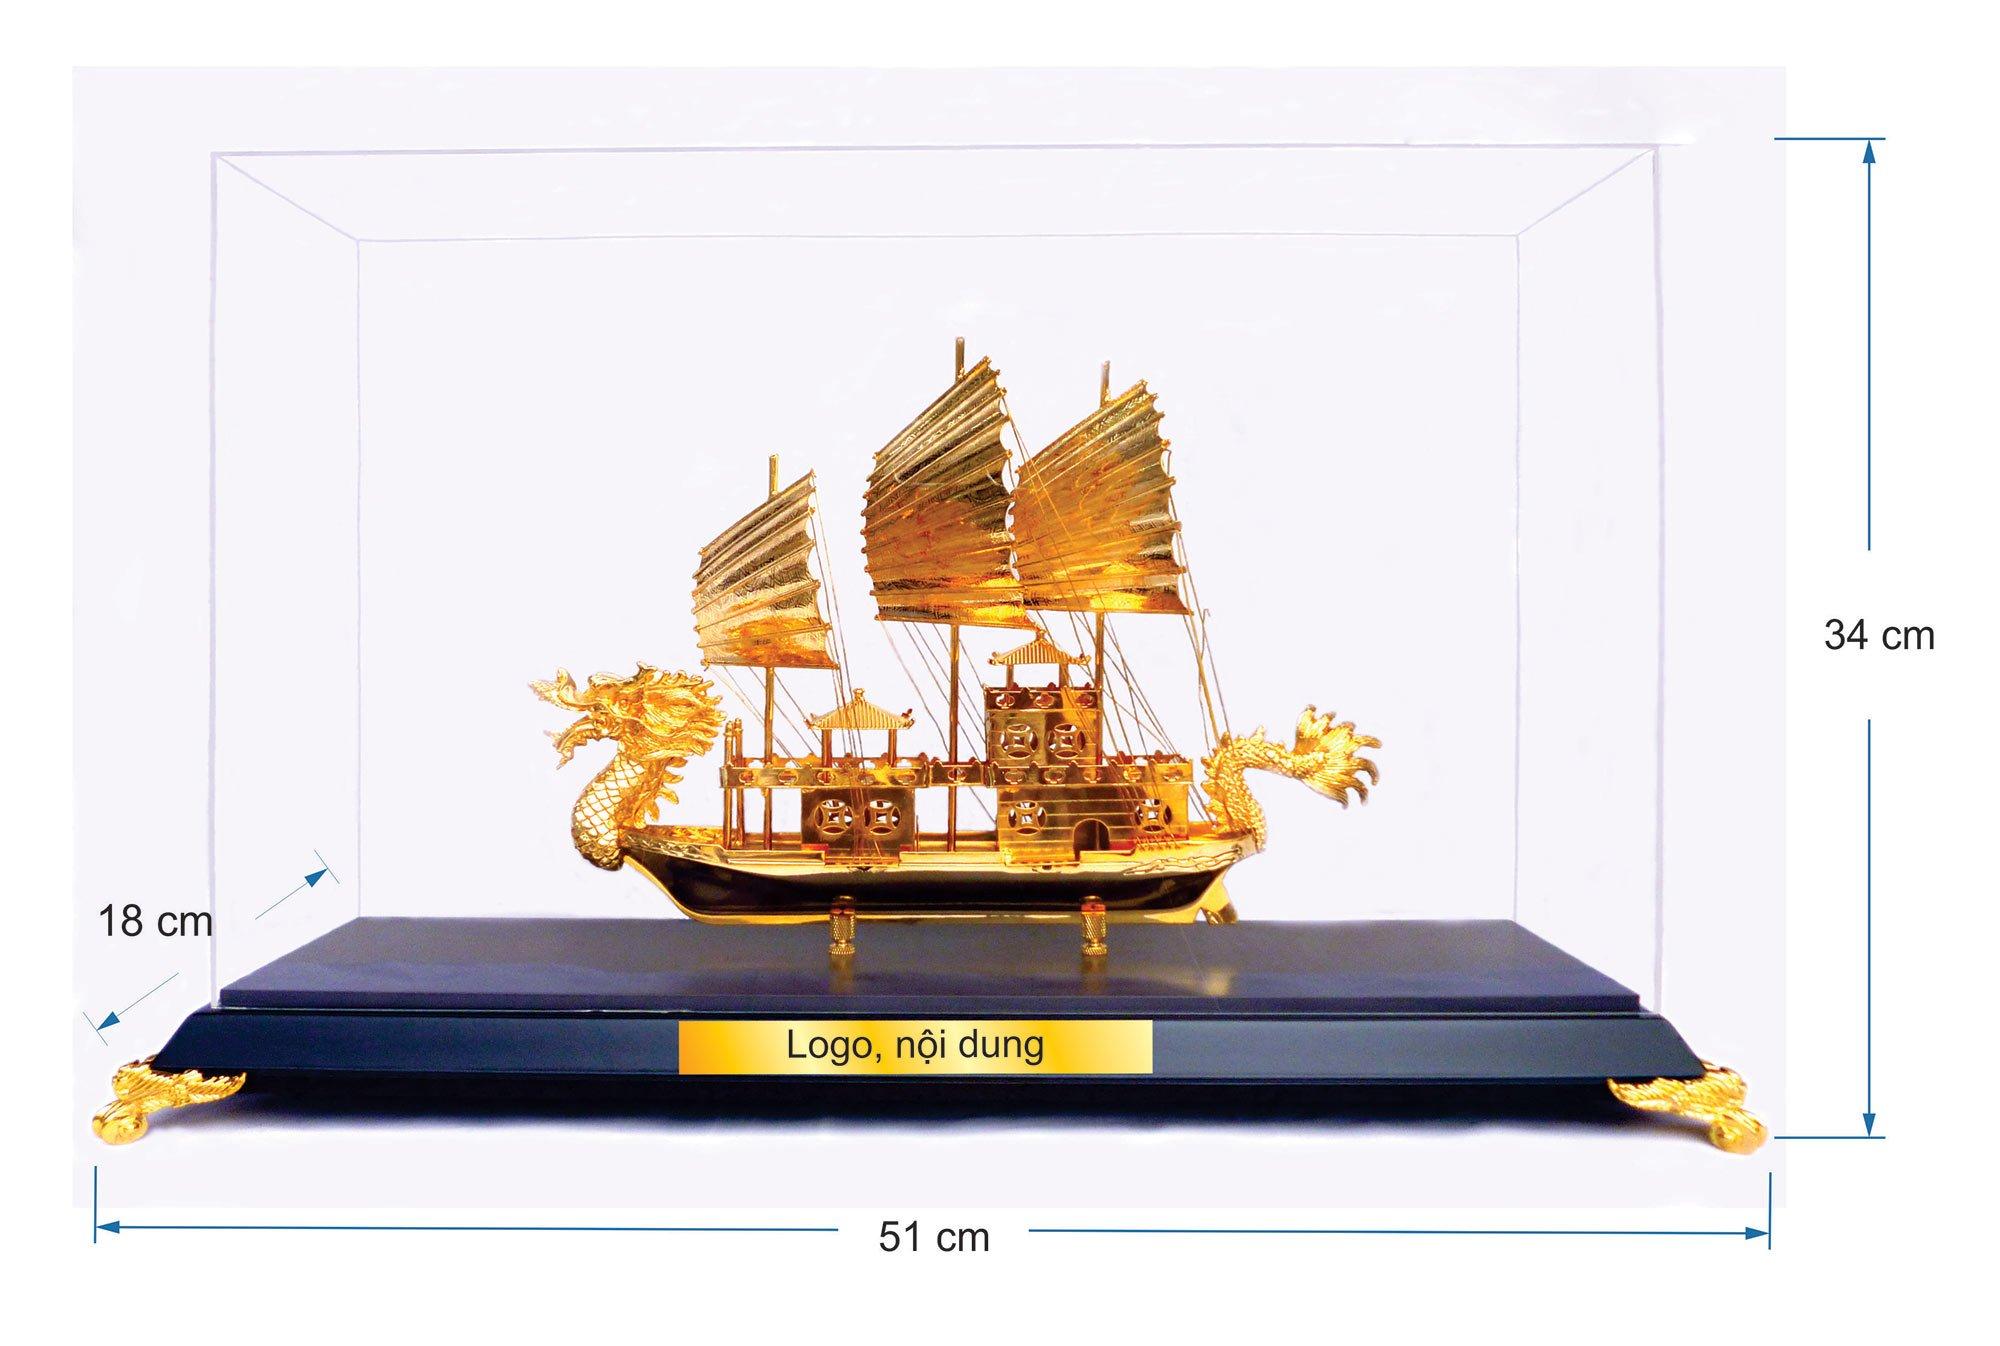 Thuyền buồm mạ vàng cỡ đại 54